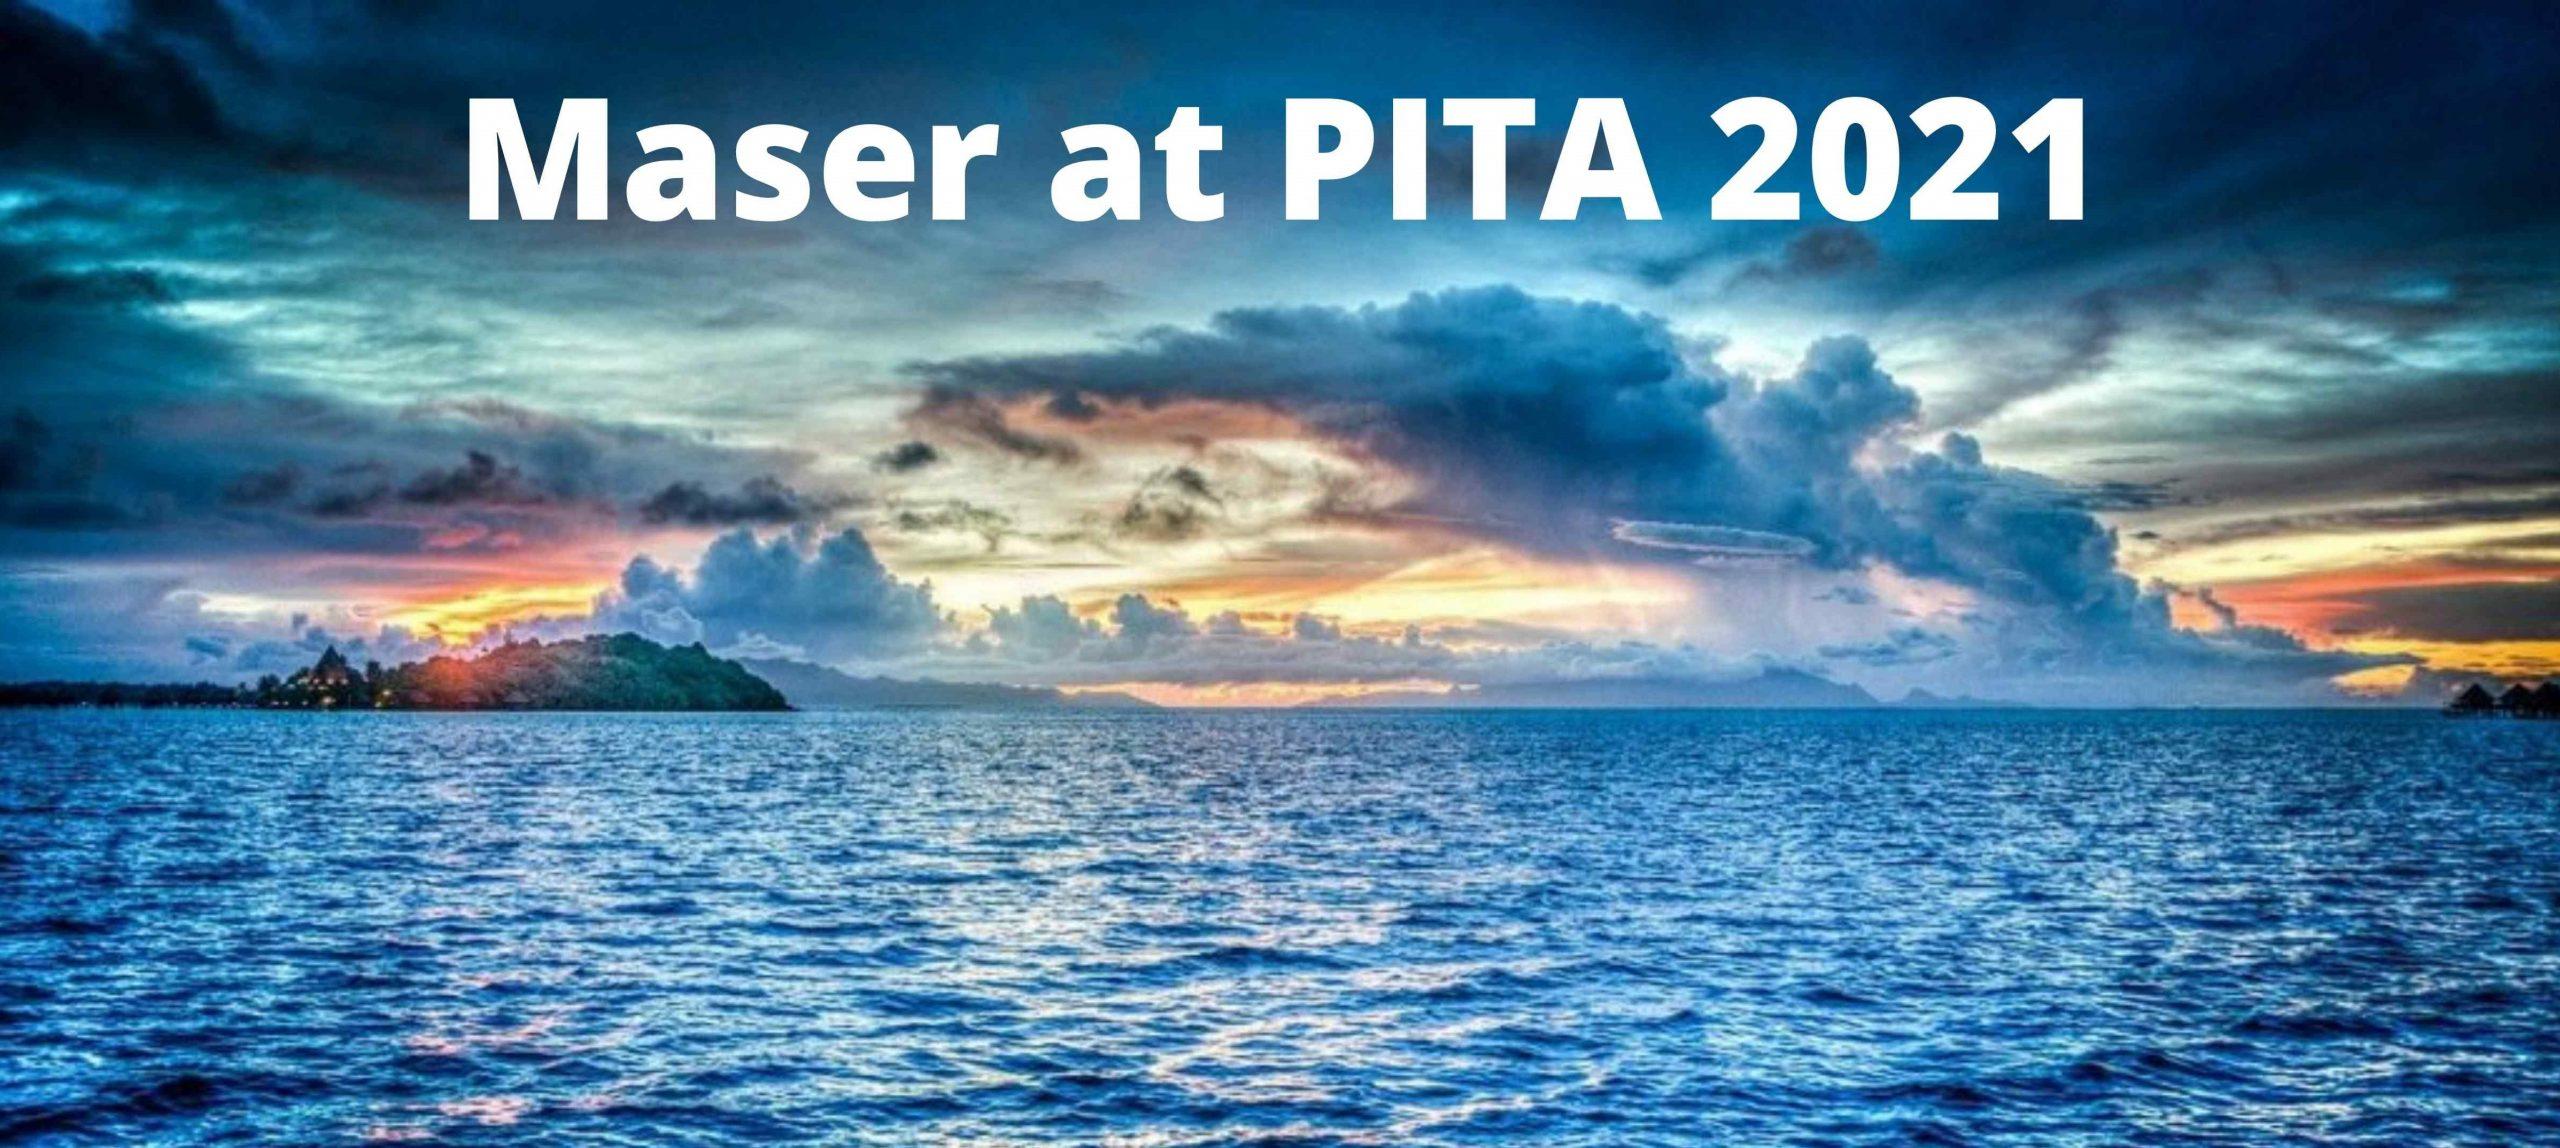 Maser at PITA 2021